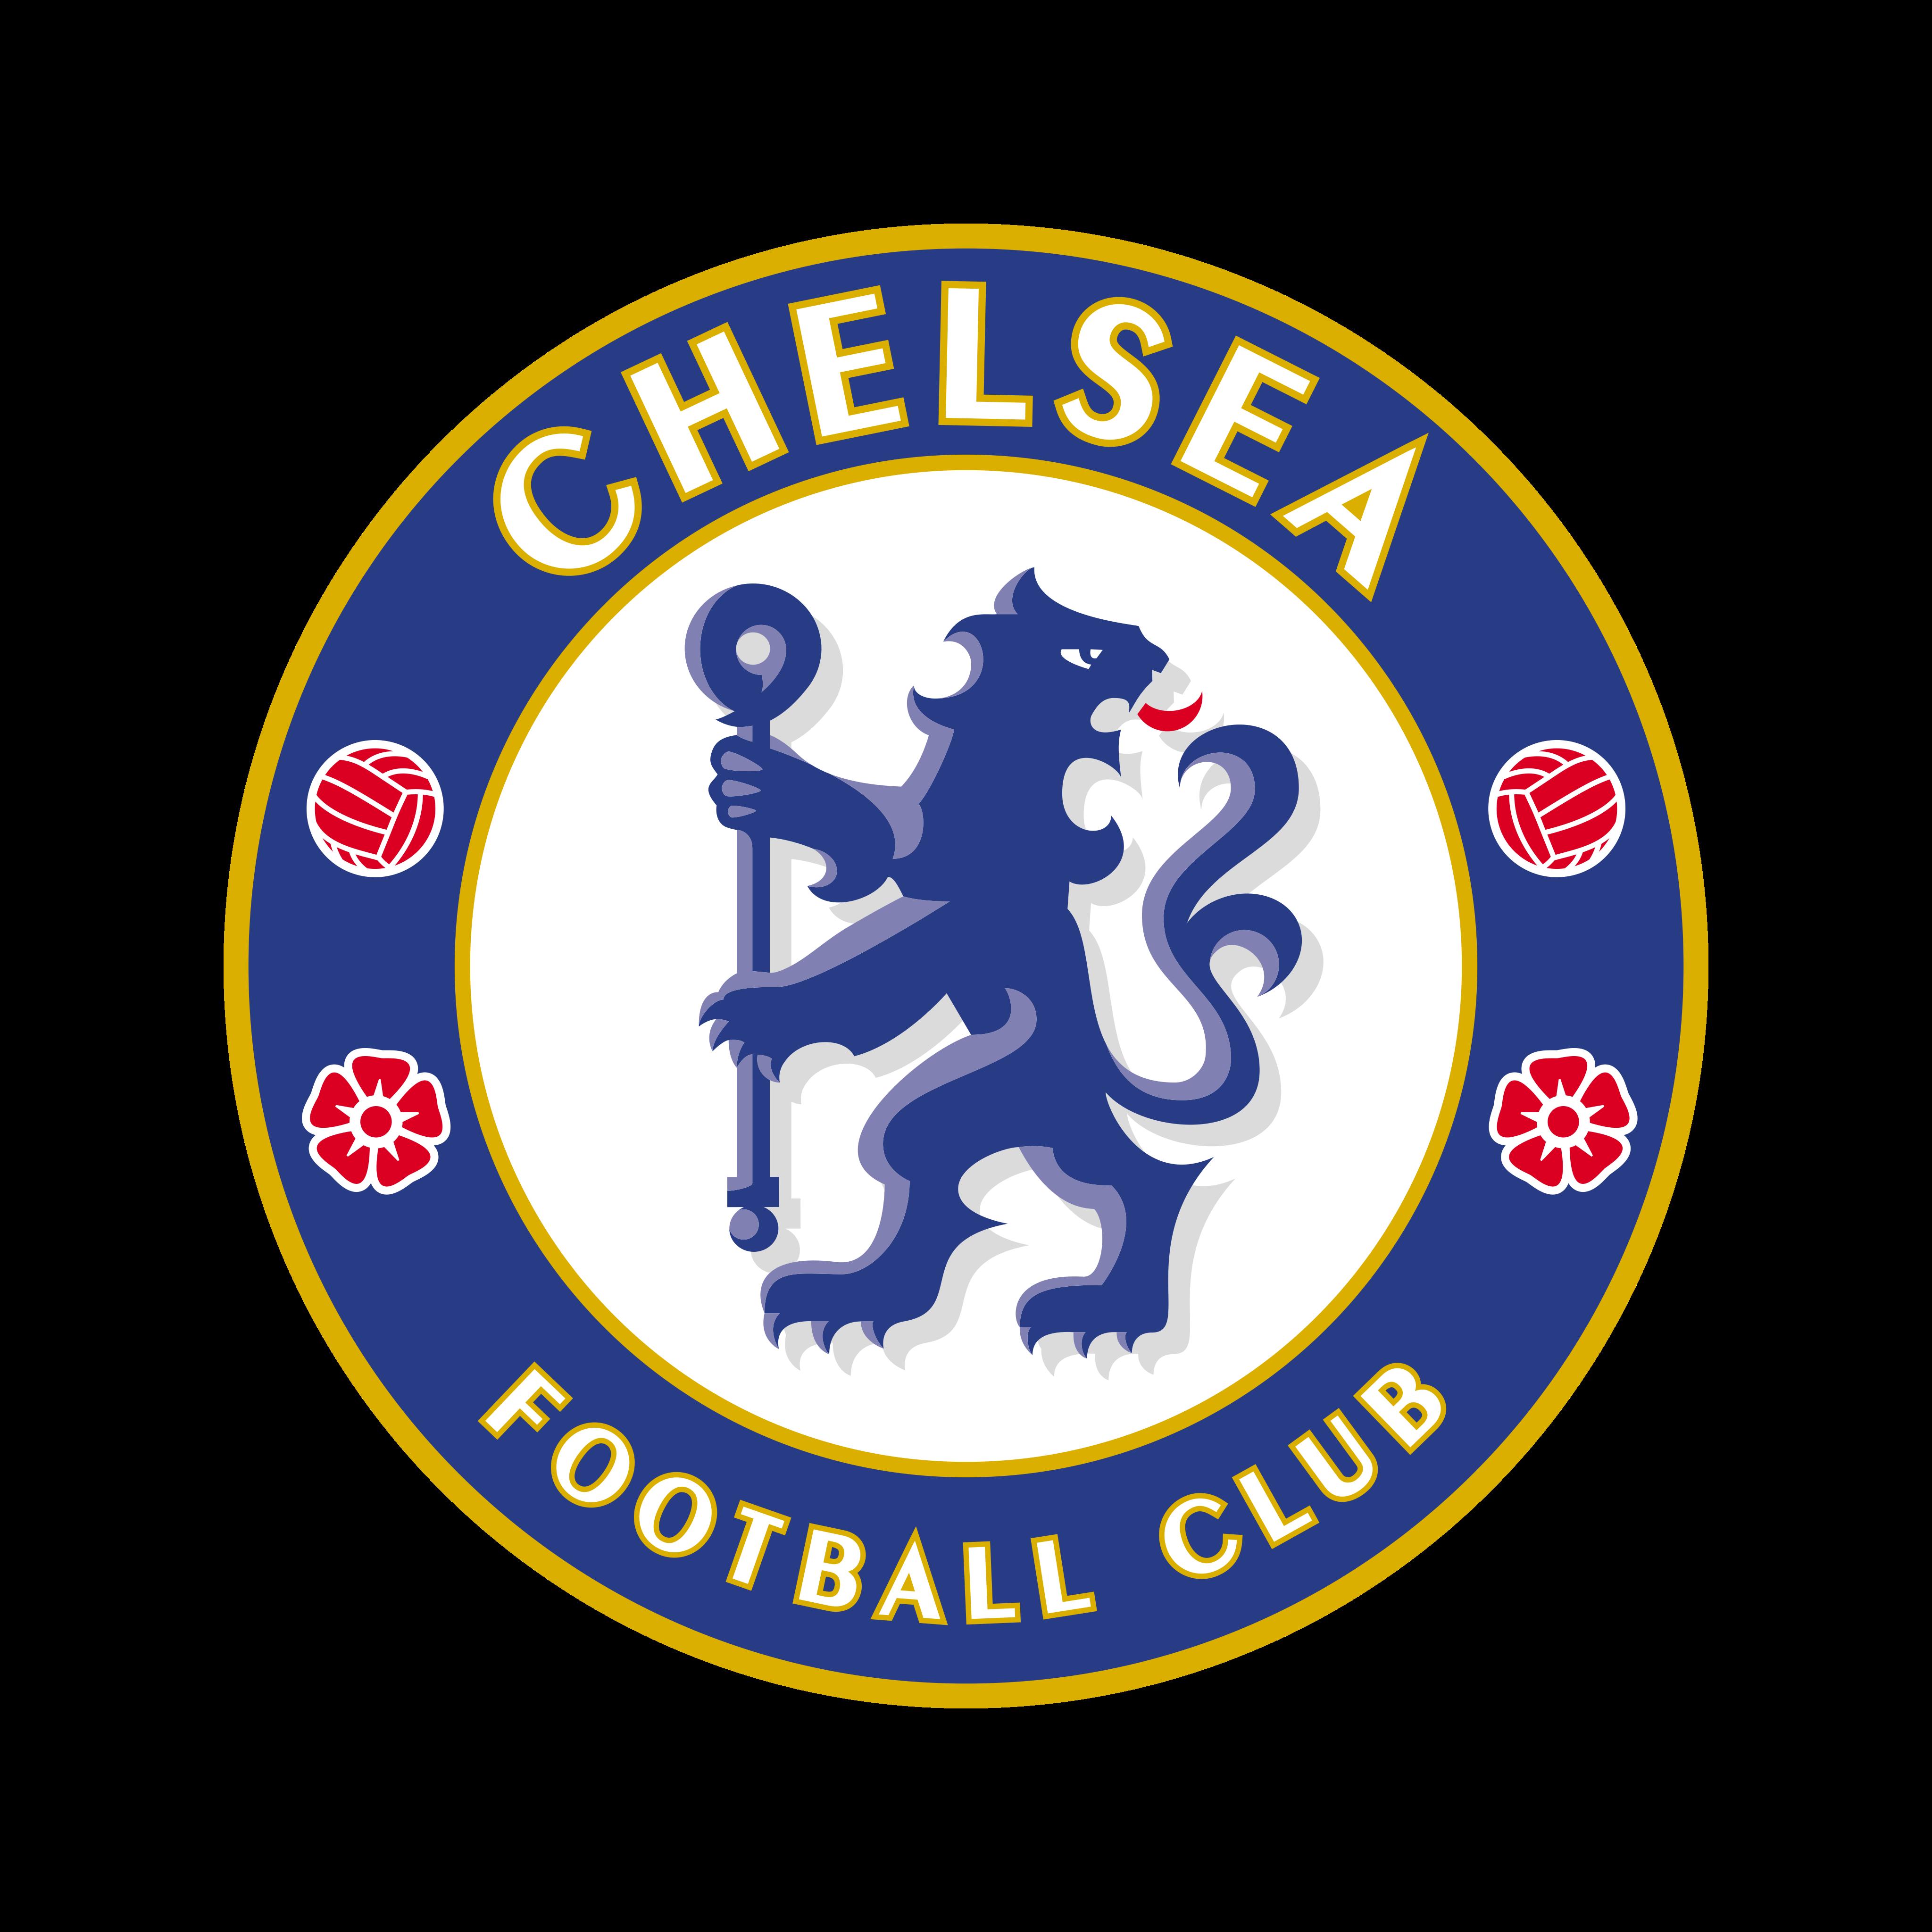 chelsea fc logo 0 - Chelsea FC Logo